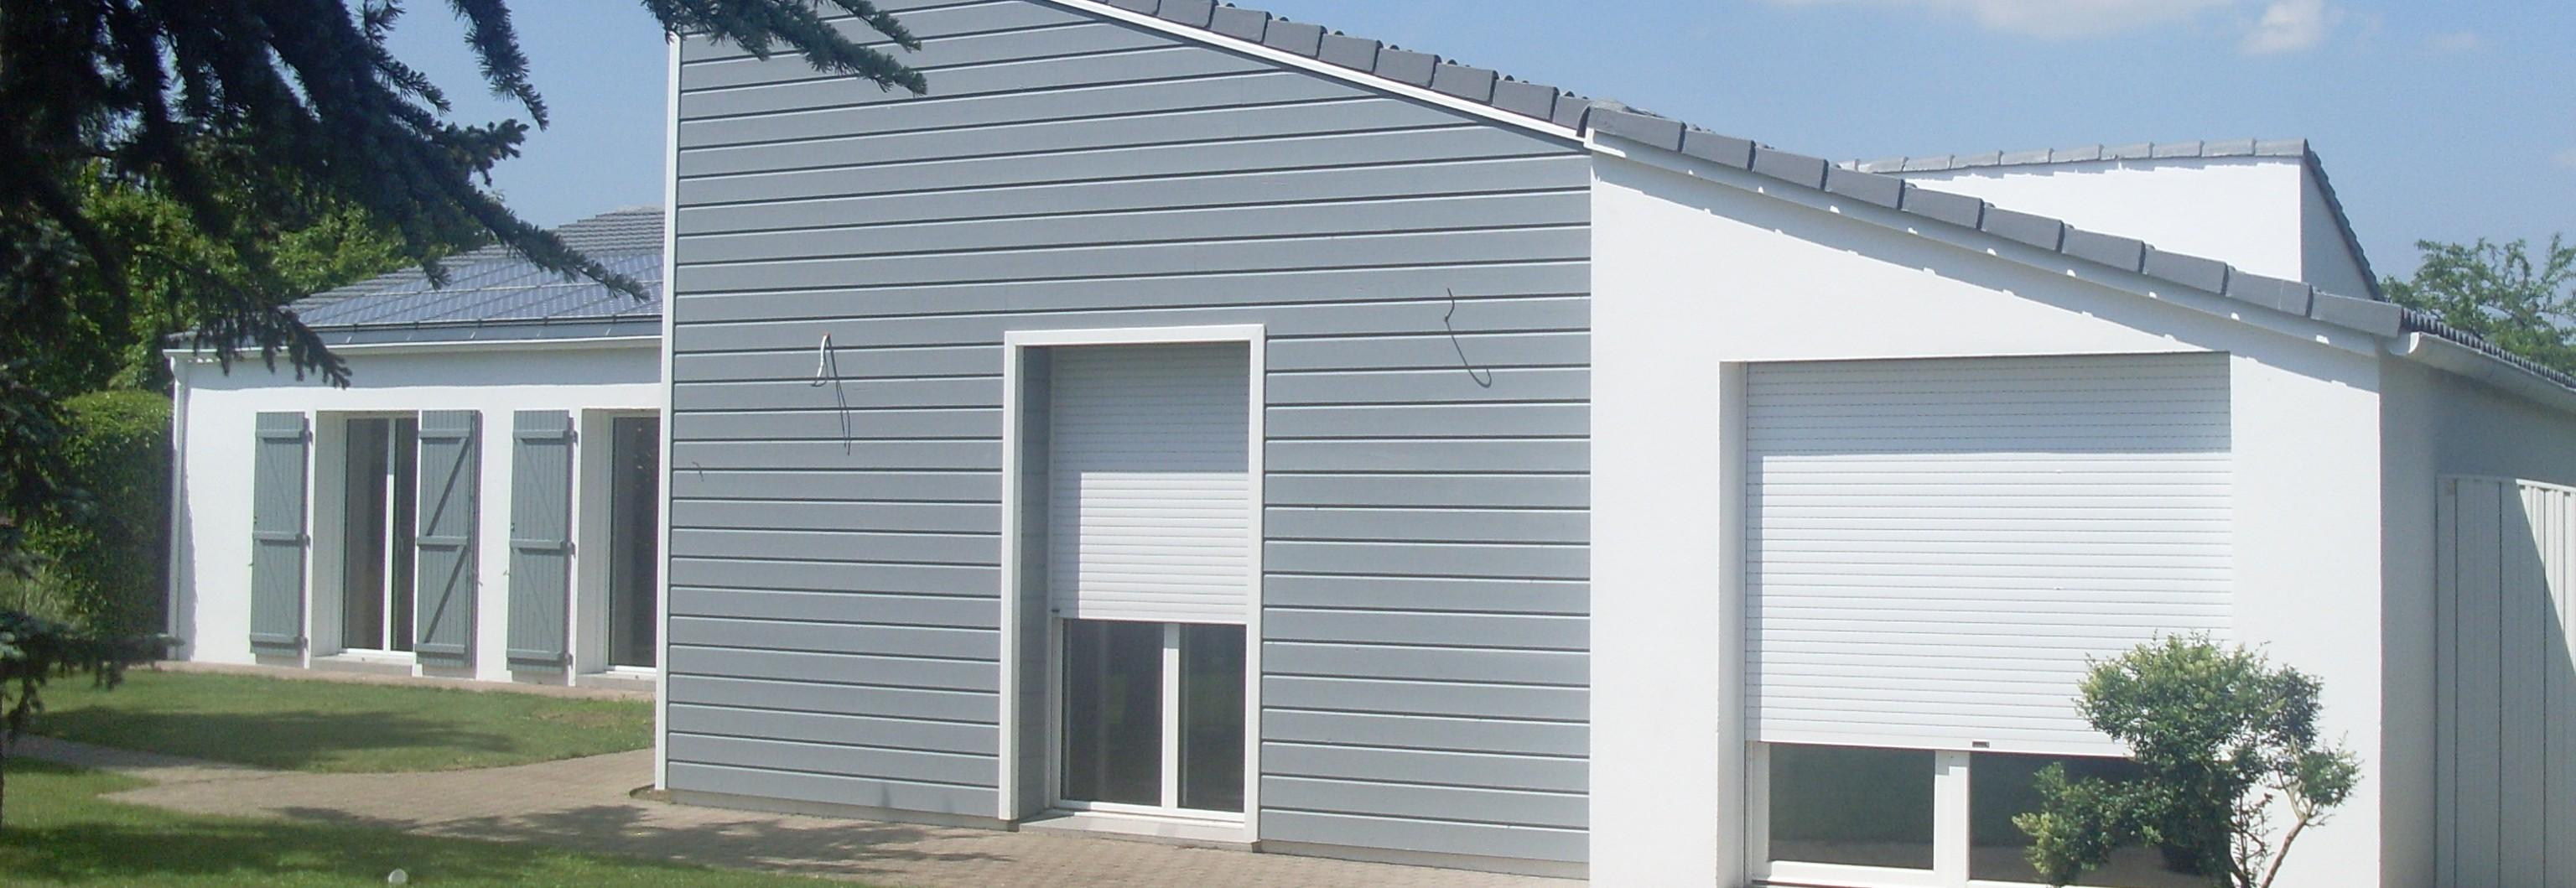 Isolation maison exterieur bardage bois ventana blog for Isolation maison exterieur bardage bois